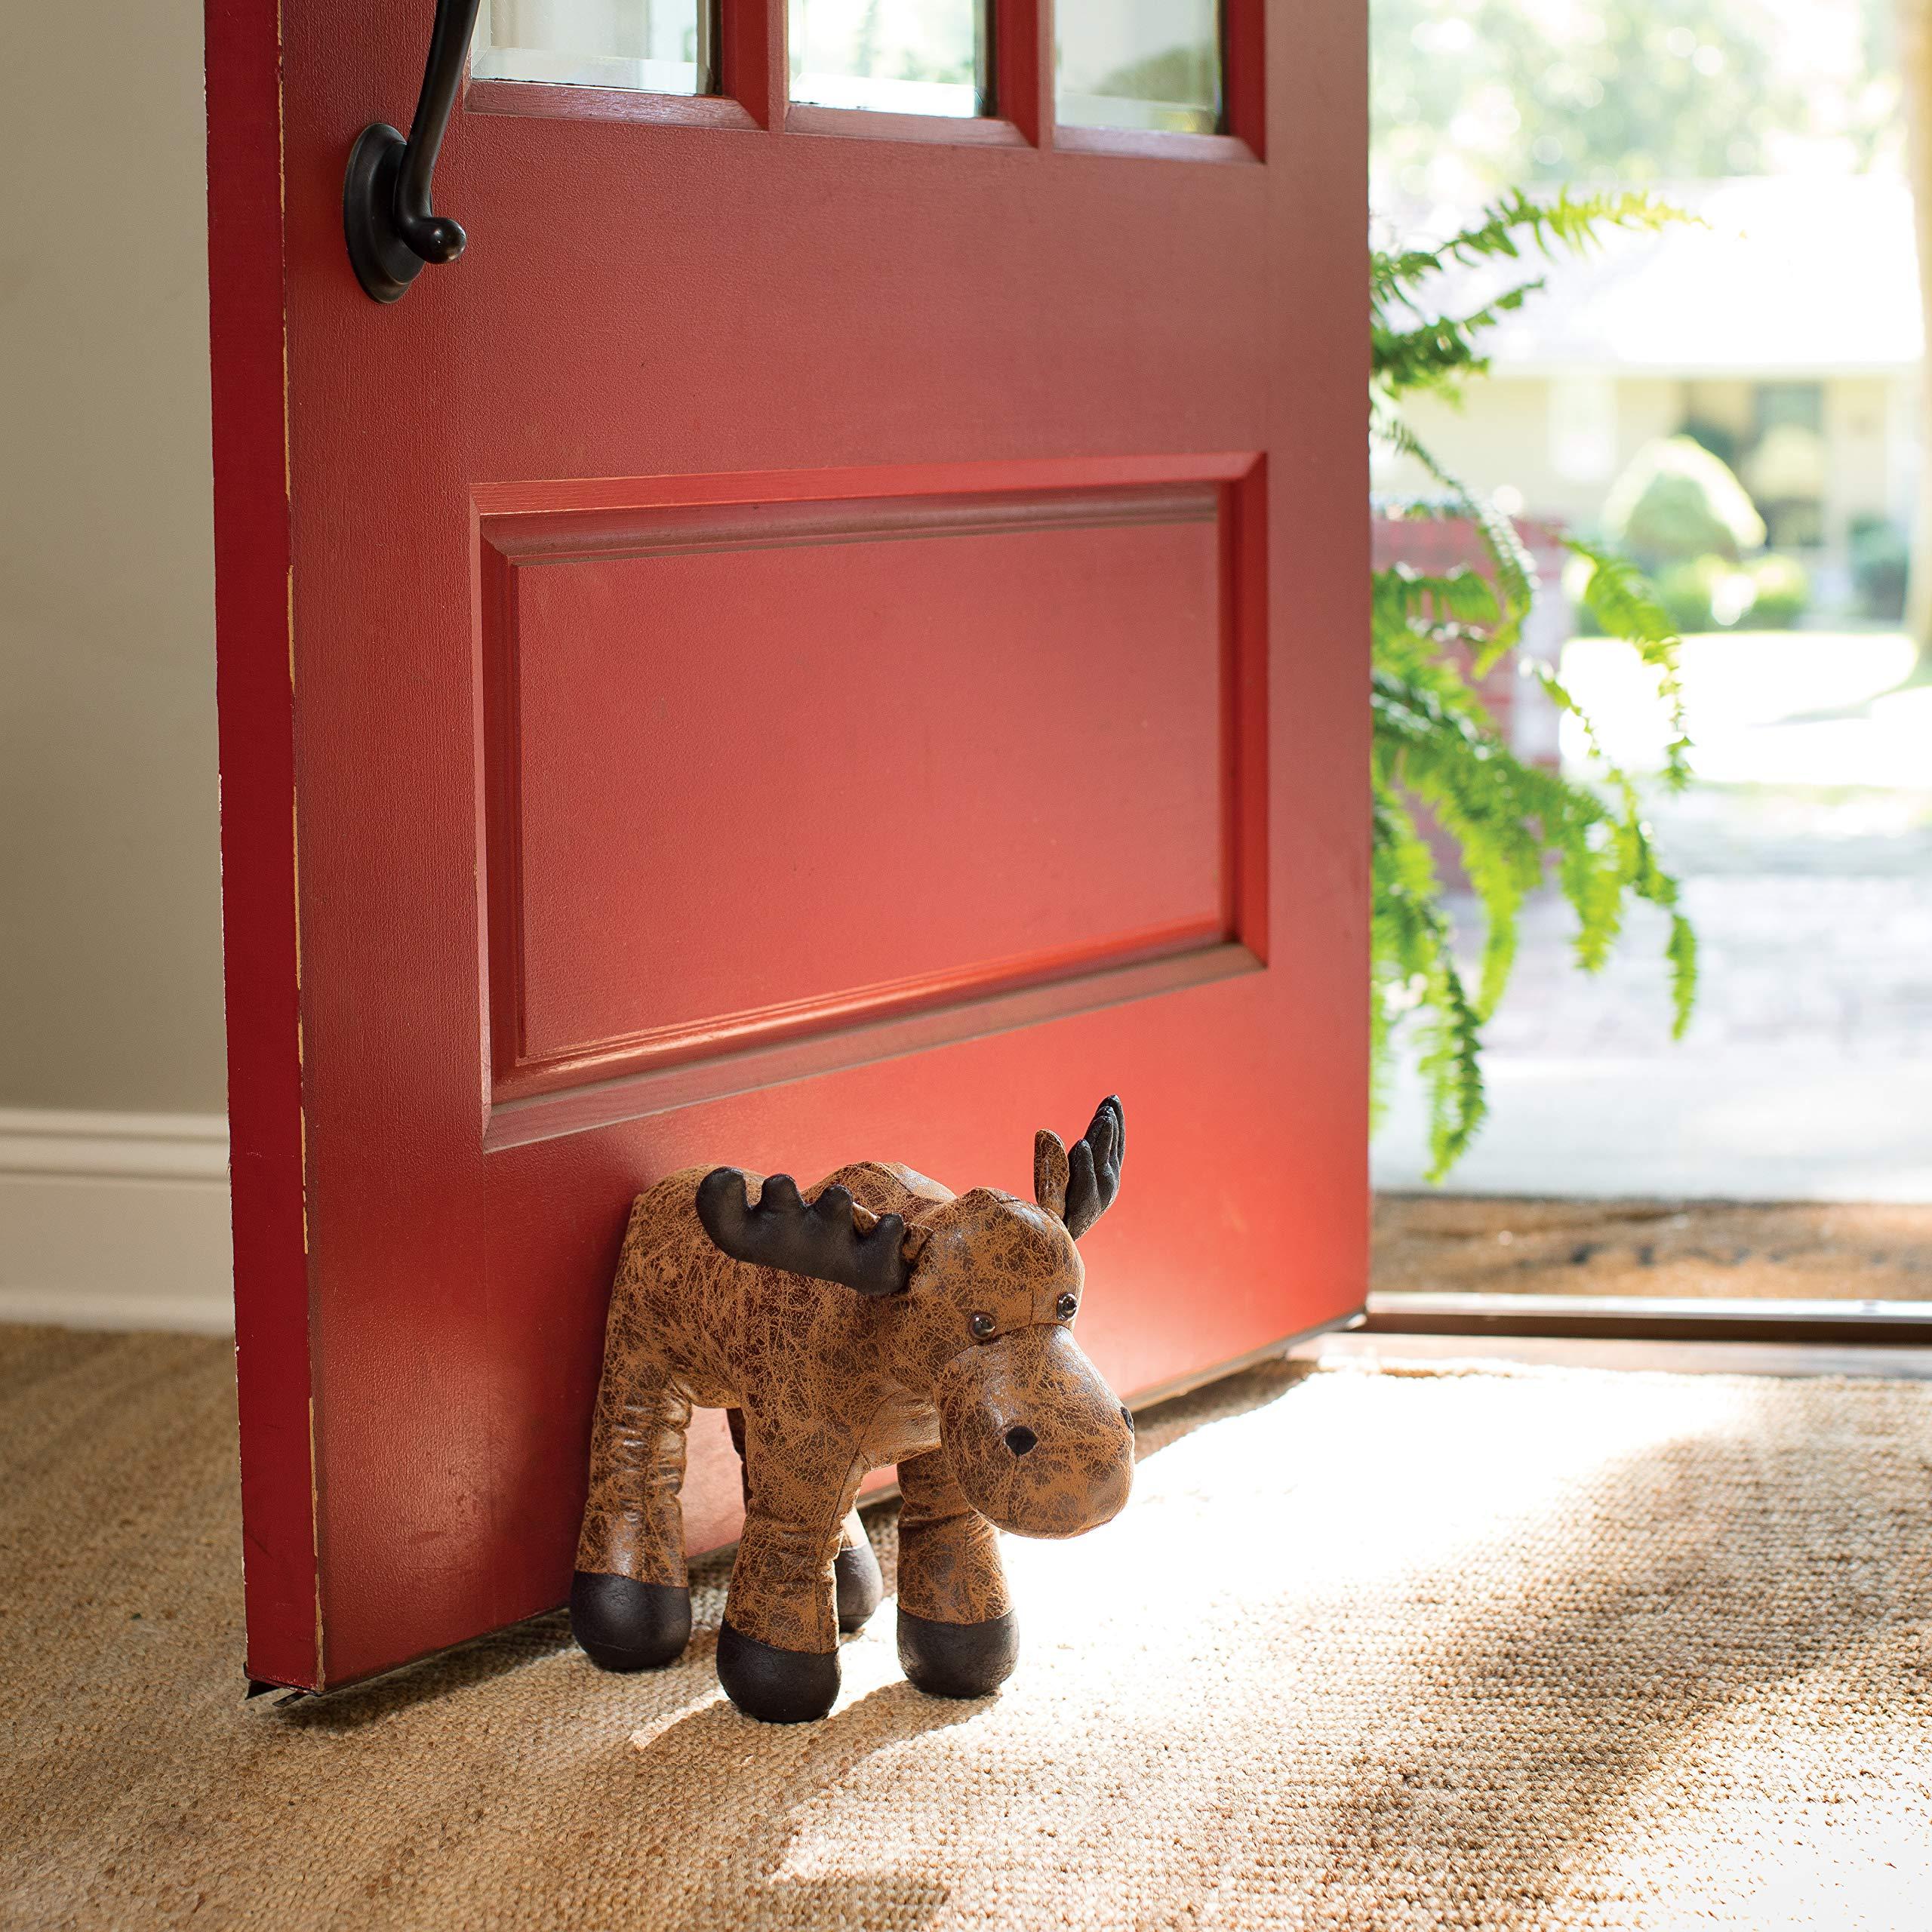 DEMDACO Sweet Home Door Stop